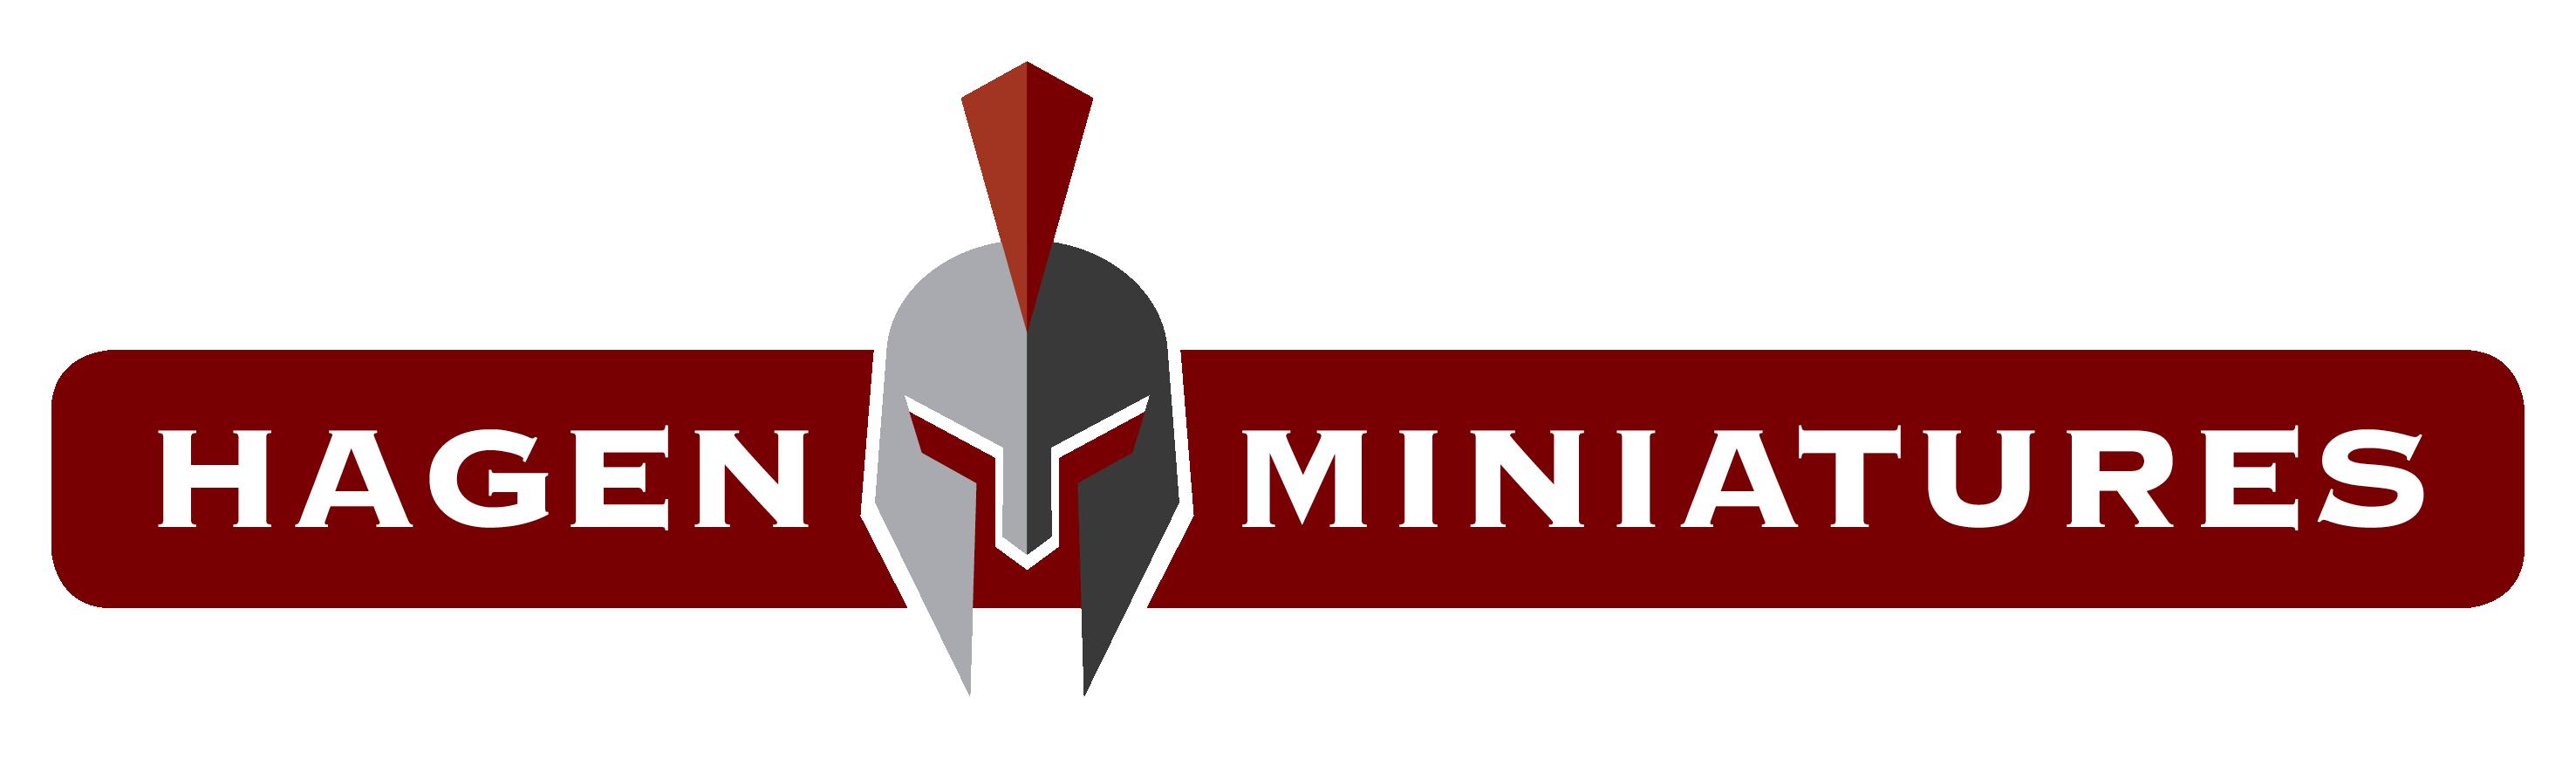 Hagen-Miniatures-Logo